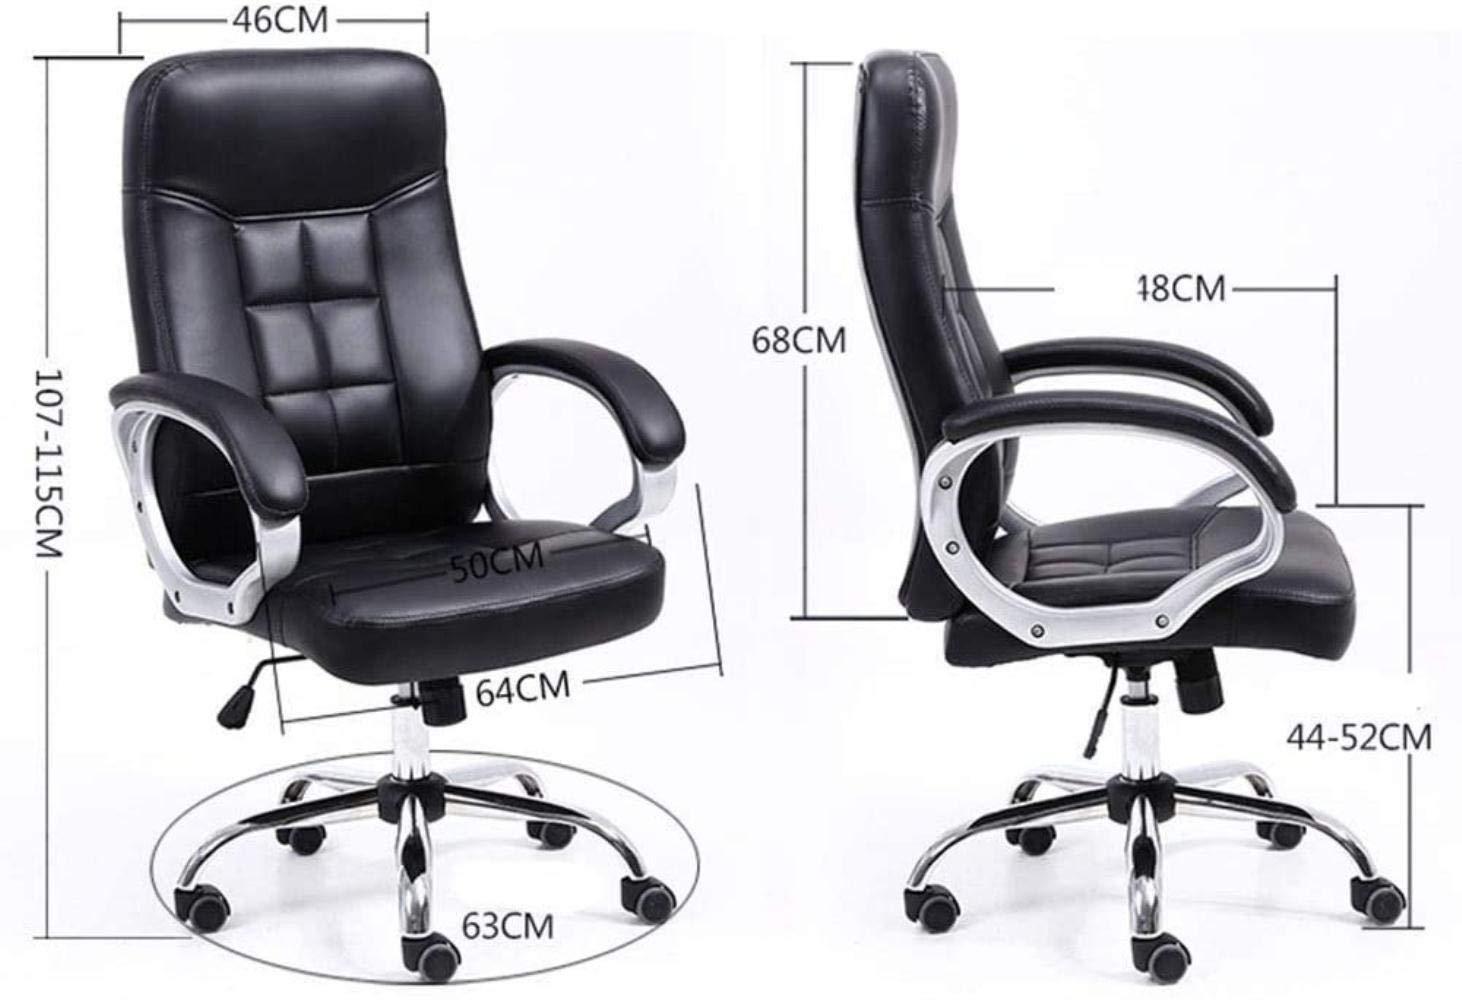 Skrivbordsstolar, kontorsstol spelstol hög rygg höjd justerbar stol uppgift svängbar verkställande dator stol knästol (färg: Brun) Brun